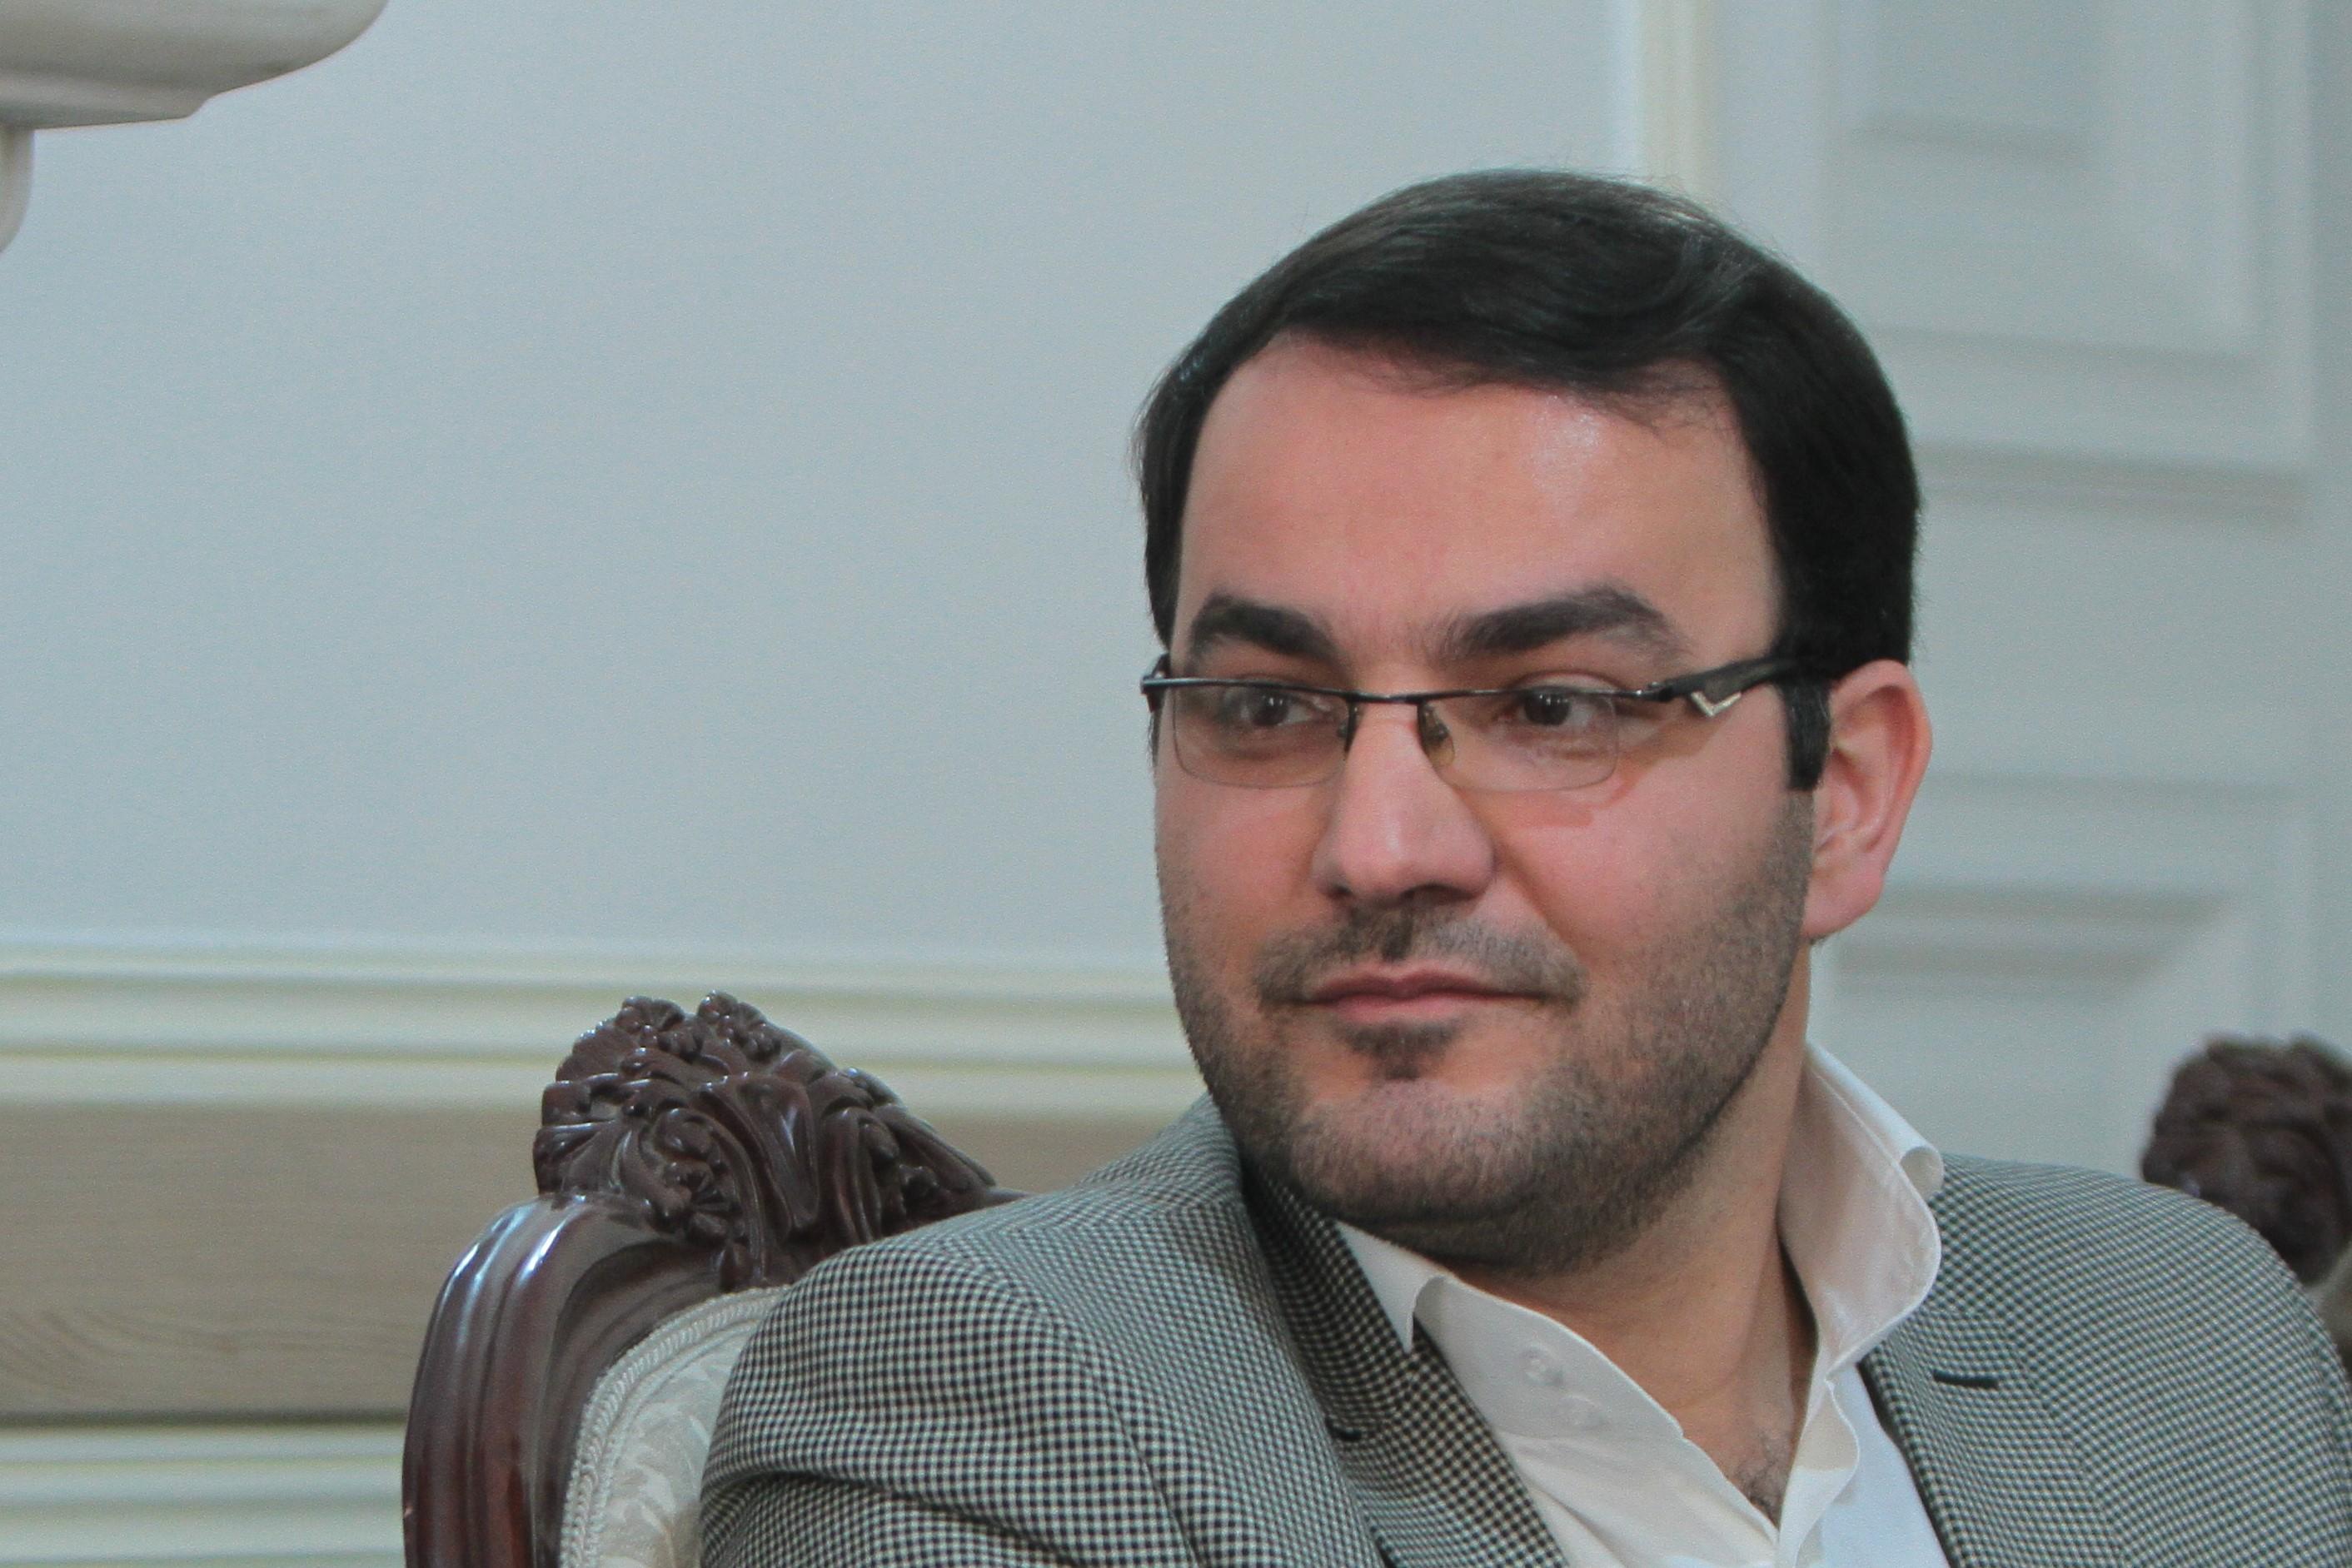 برگ زرین اصفهان در بایگانی محافظهکاران!؛ گفتوگو با دبیرکل سازمان عدالت و آزادی درباره یک سند بینالمللی مغفول مانده